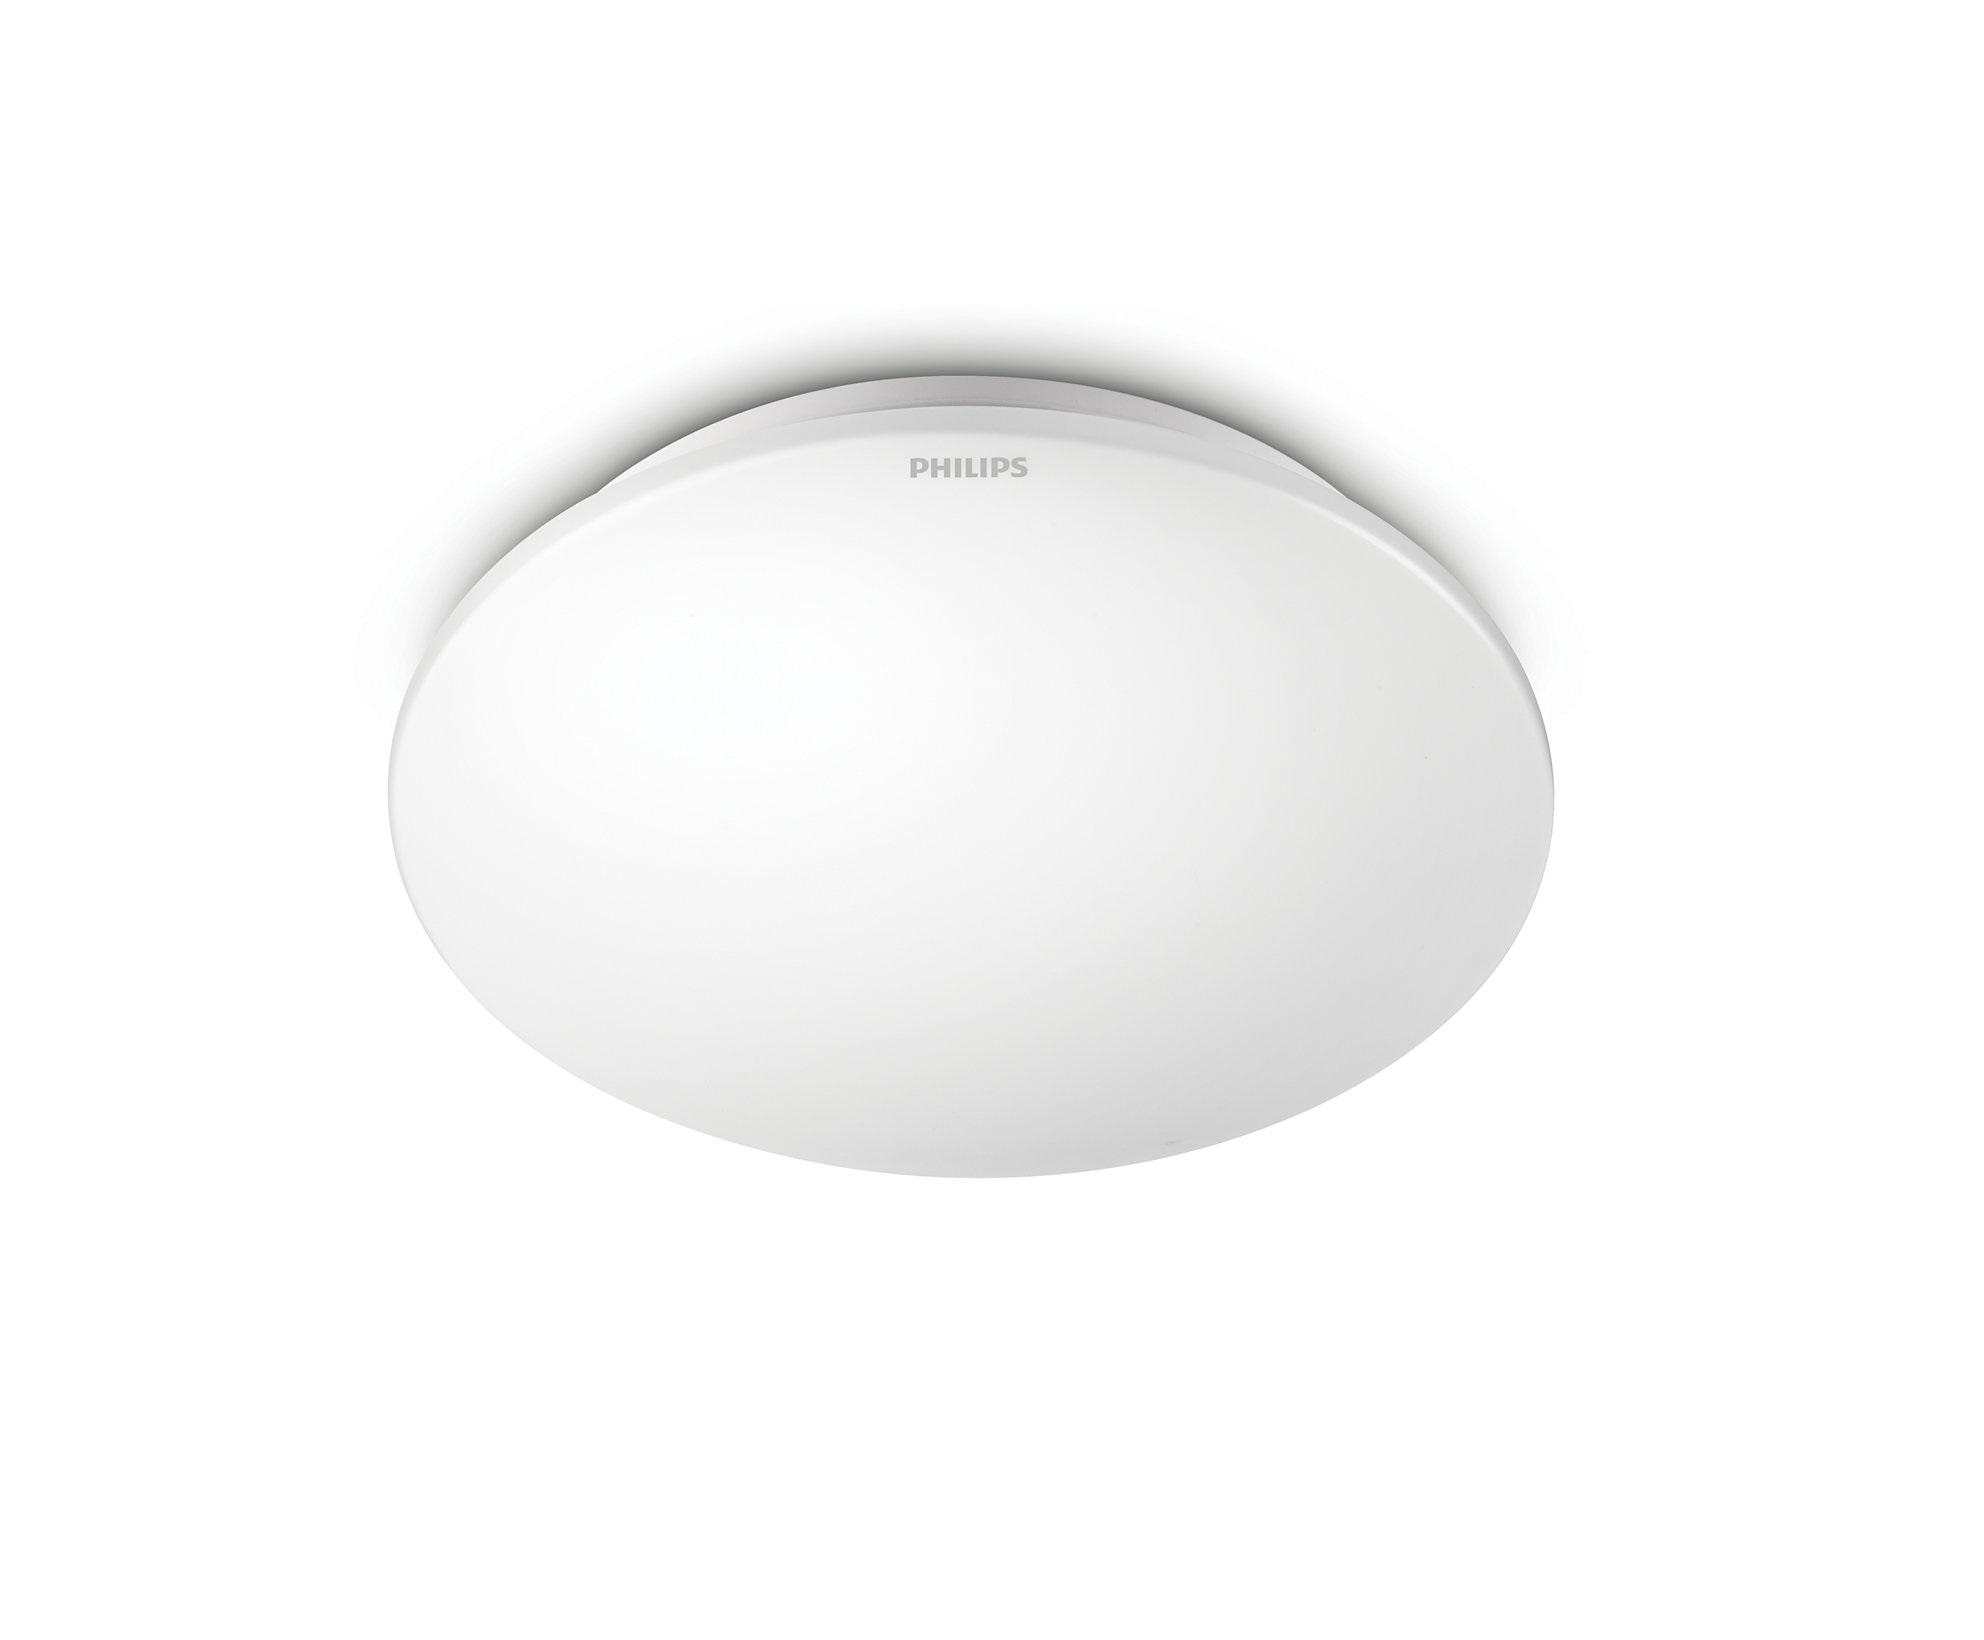 Đèn LED ốp trần Philips CL200